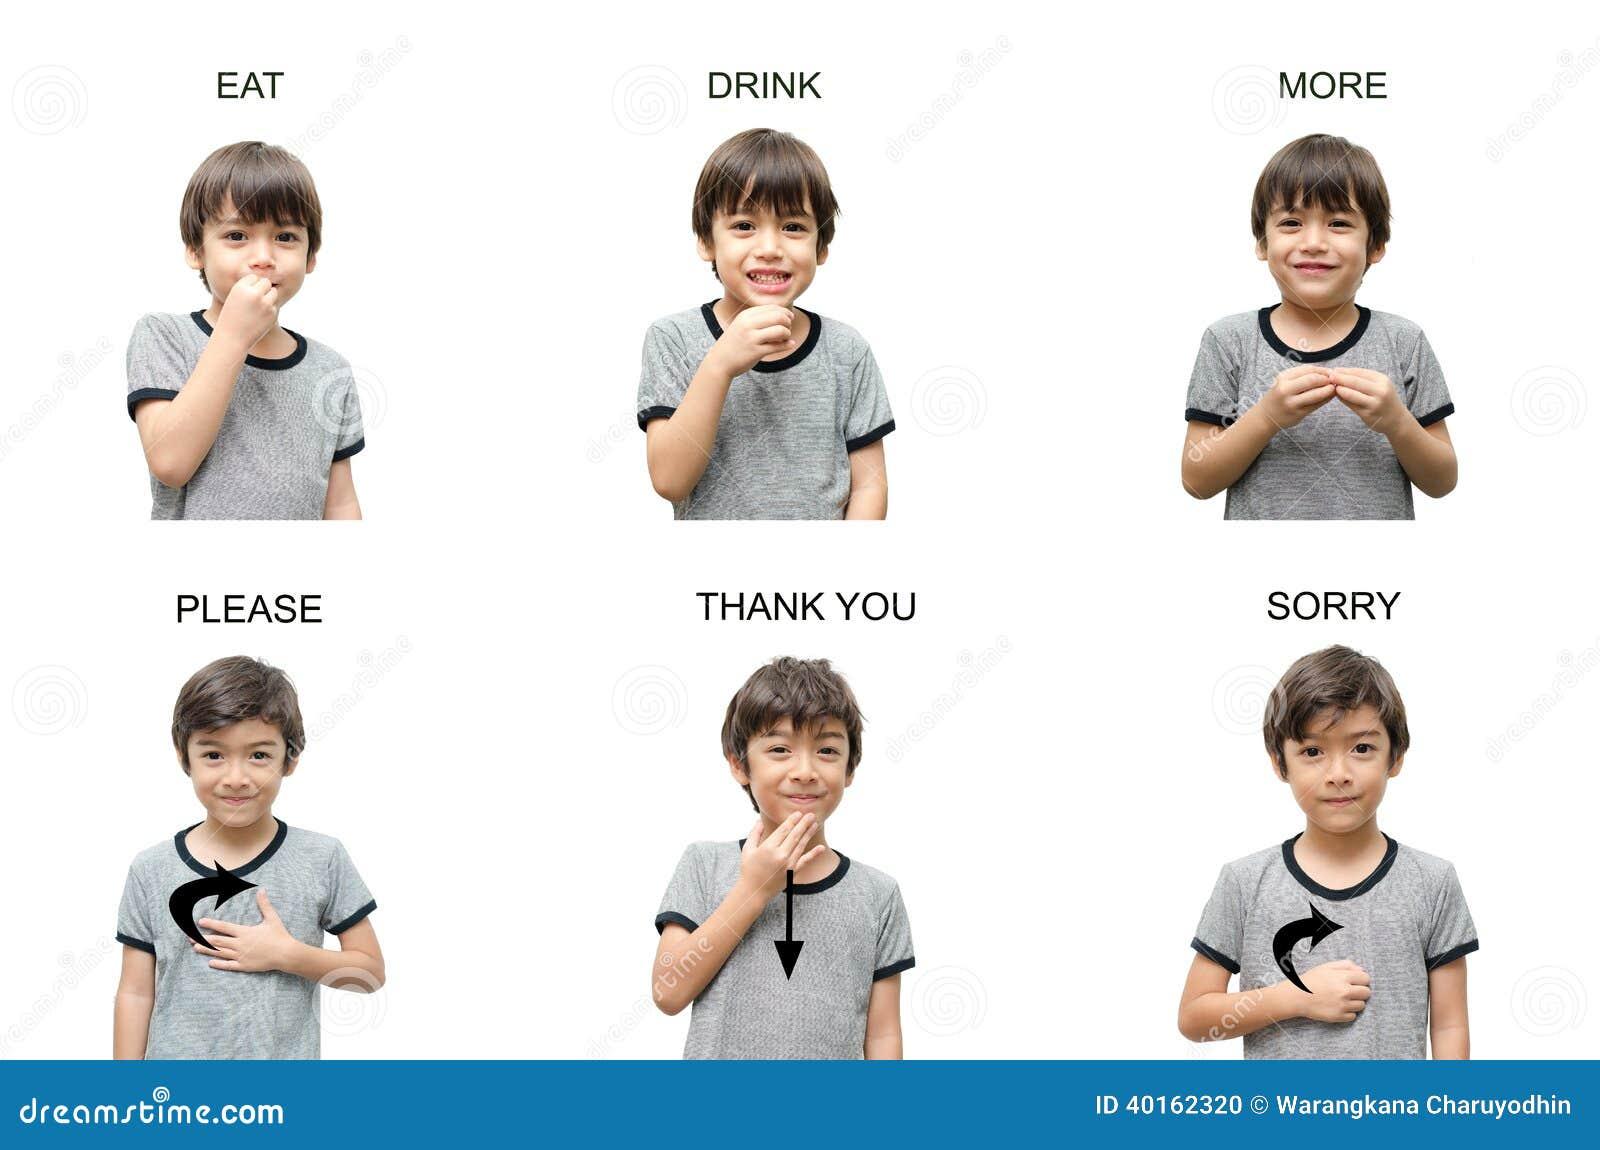 Educación de lenguaje de signos de la mano del niño en el fondo blanco